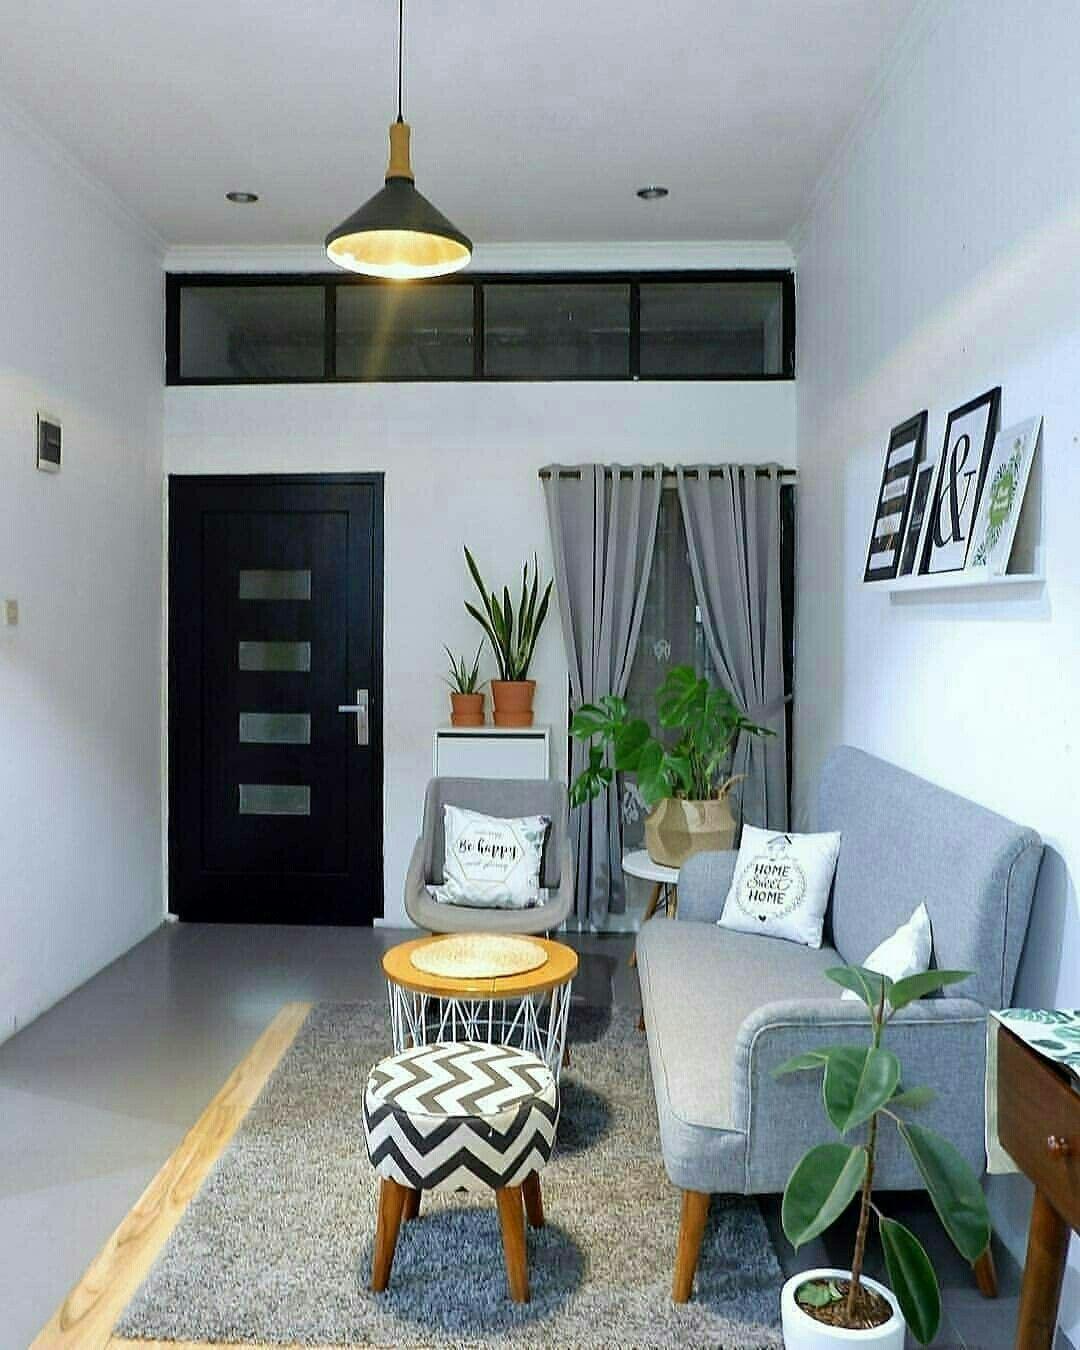 Pin De Daissy Munoz En Home Interiores De Casas Pequenas Muebles Para Casas Pequenas Sala De Apartamento Pequeno